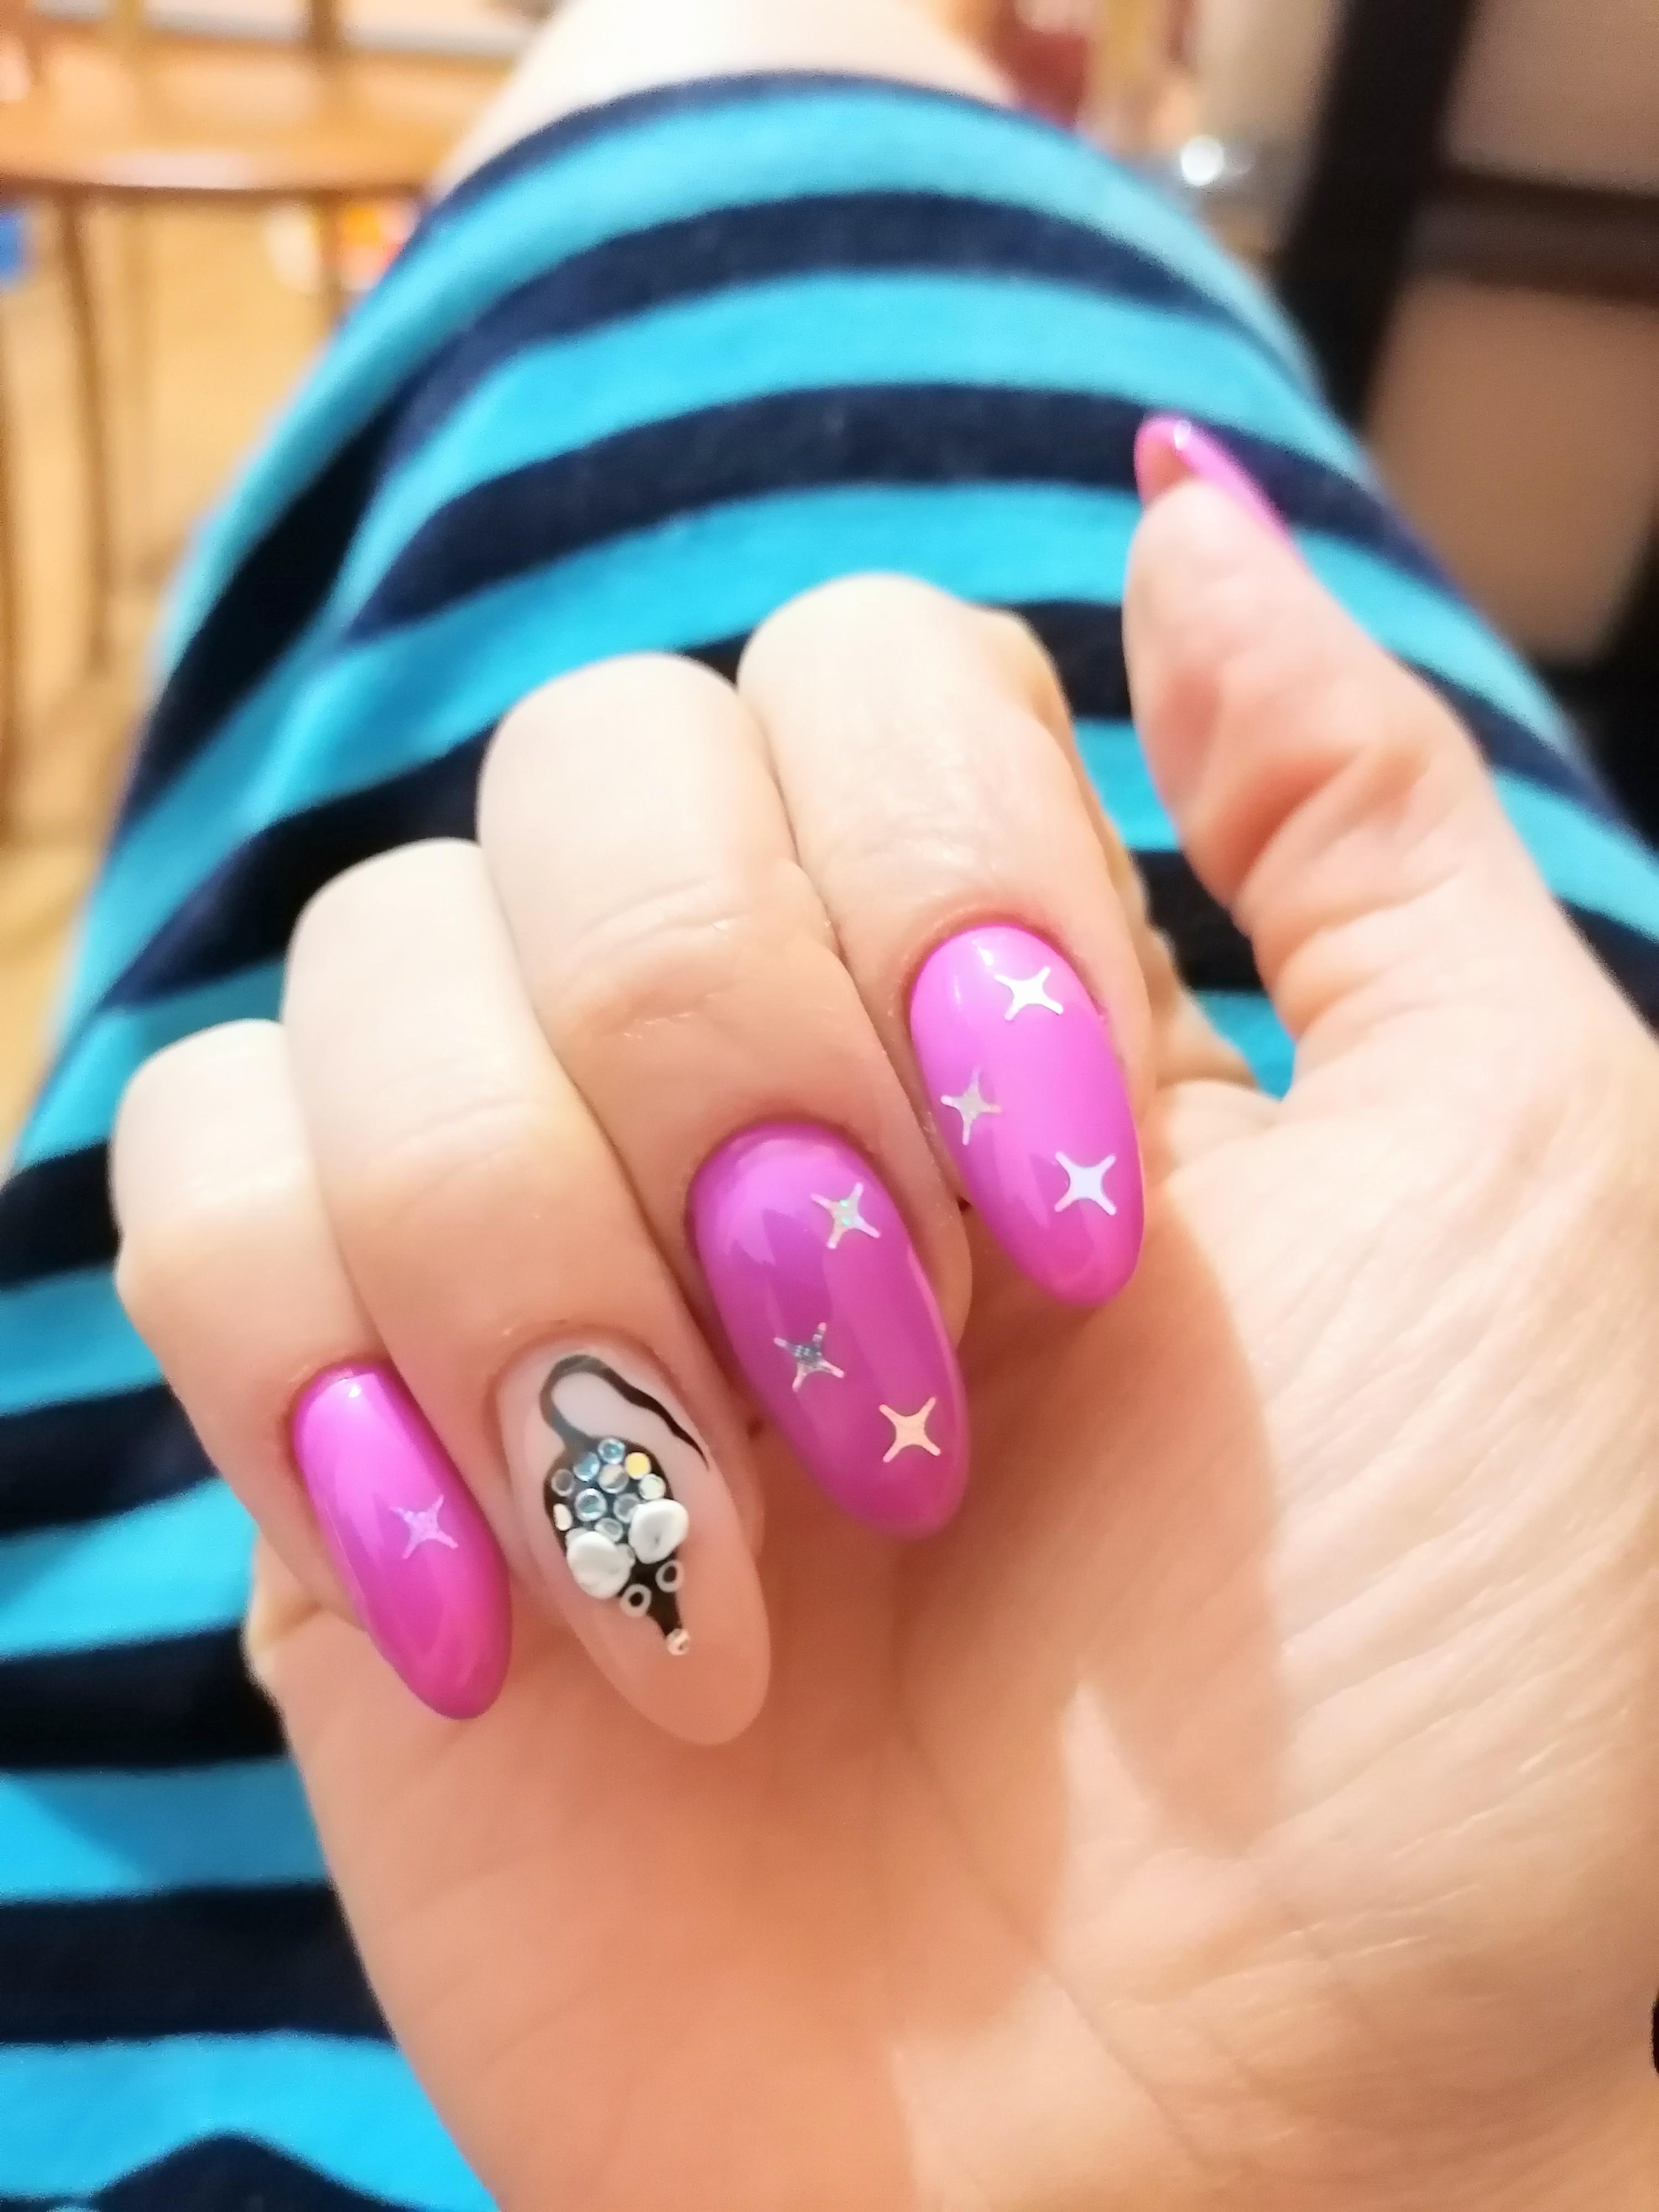 Маникюр с мышкой и звездочками в лиловом цвете на длинные ногти.